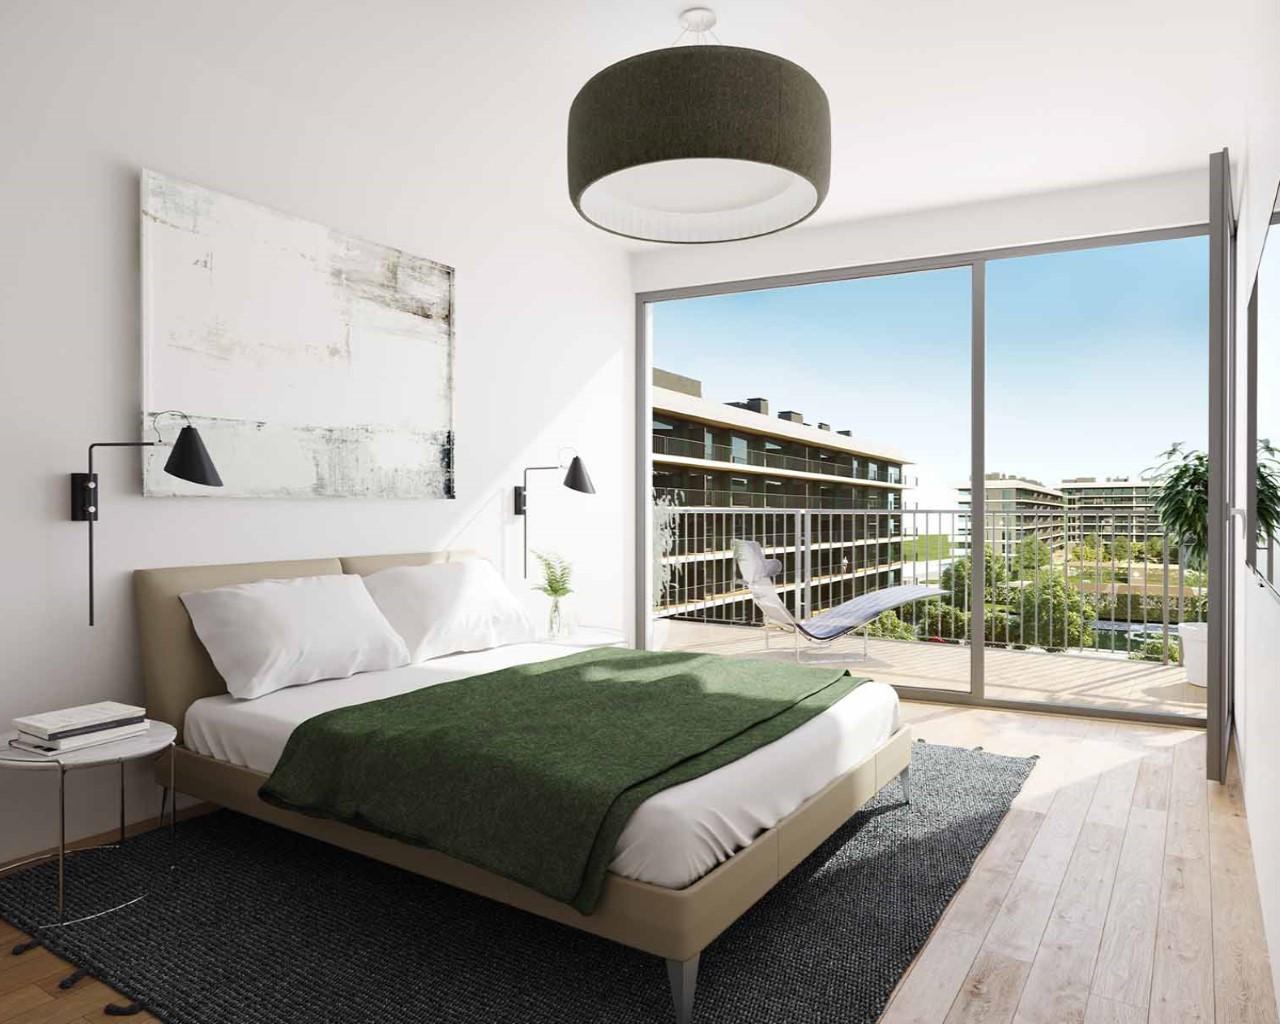 Lux Garden - Chambre - option chêne